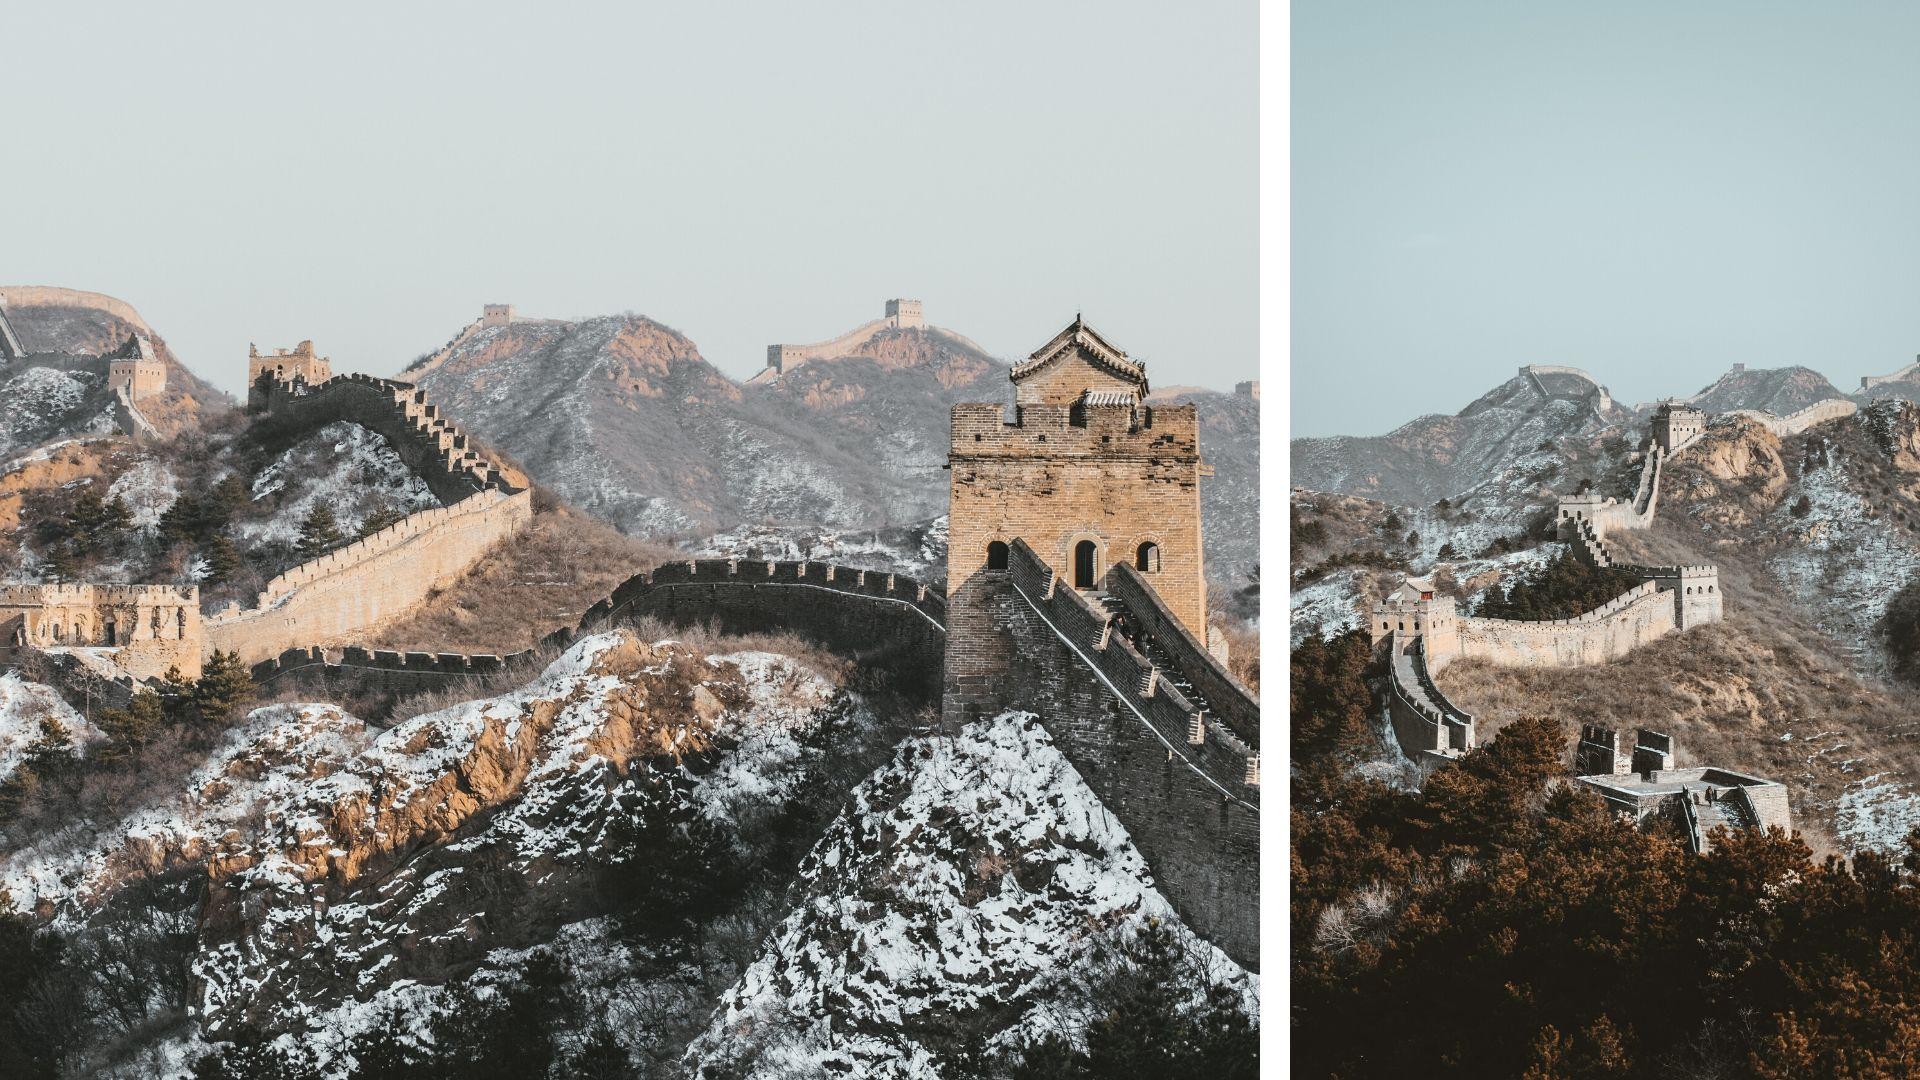 ทัวร์ กำแพงเมืองจีน อยู่บ้าน